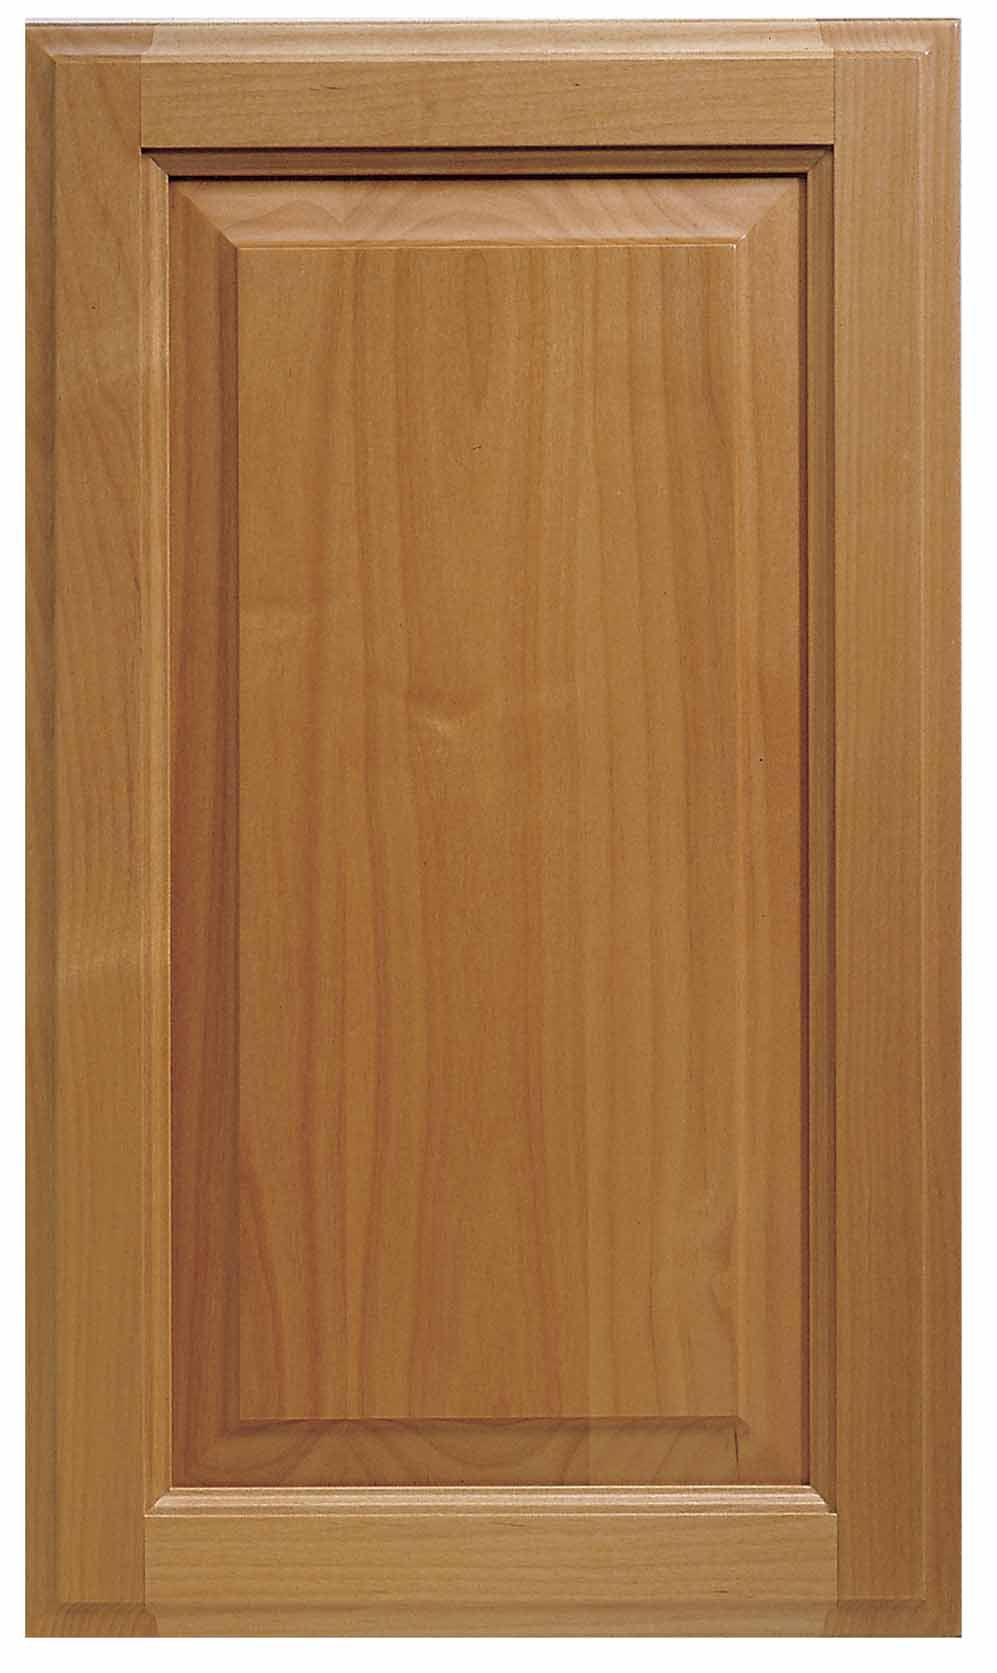 Revere Custom Cabinet Doors Unfinished Cabinet Doors Cabinet Doors